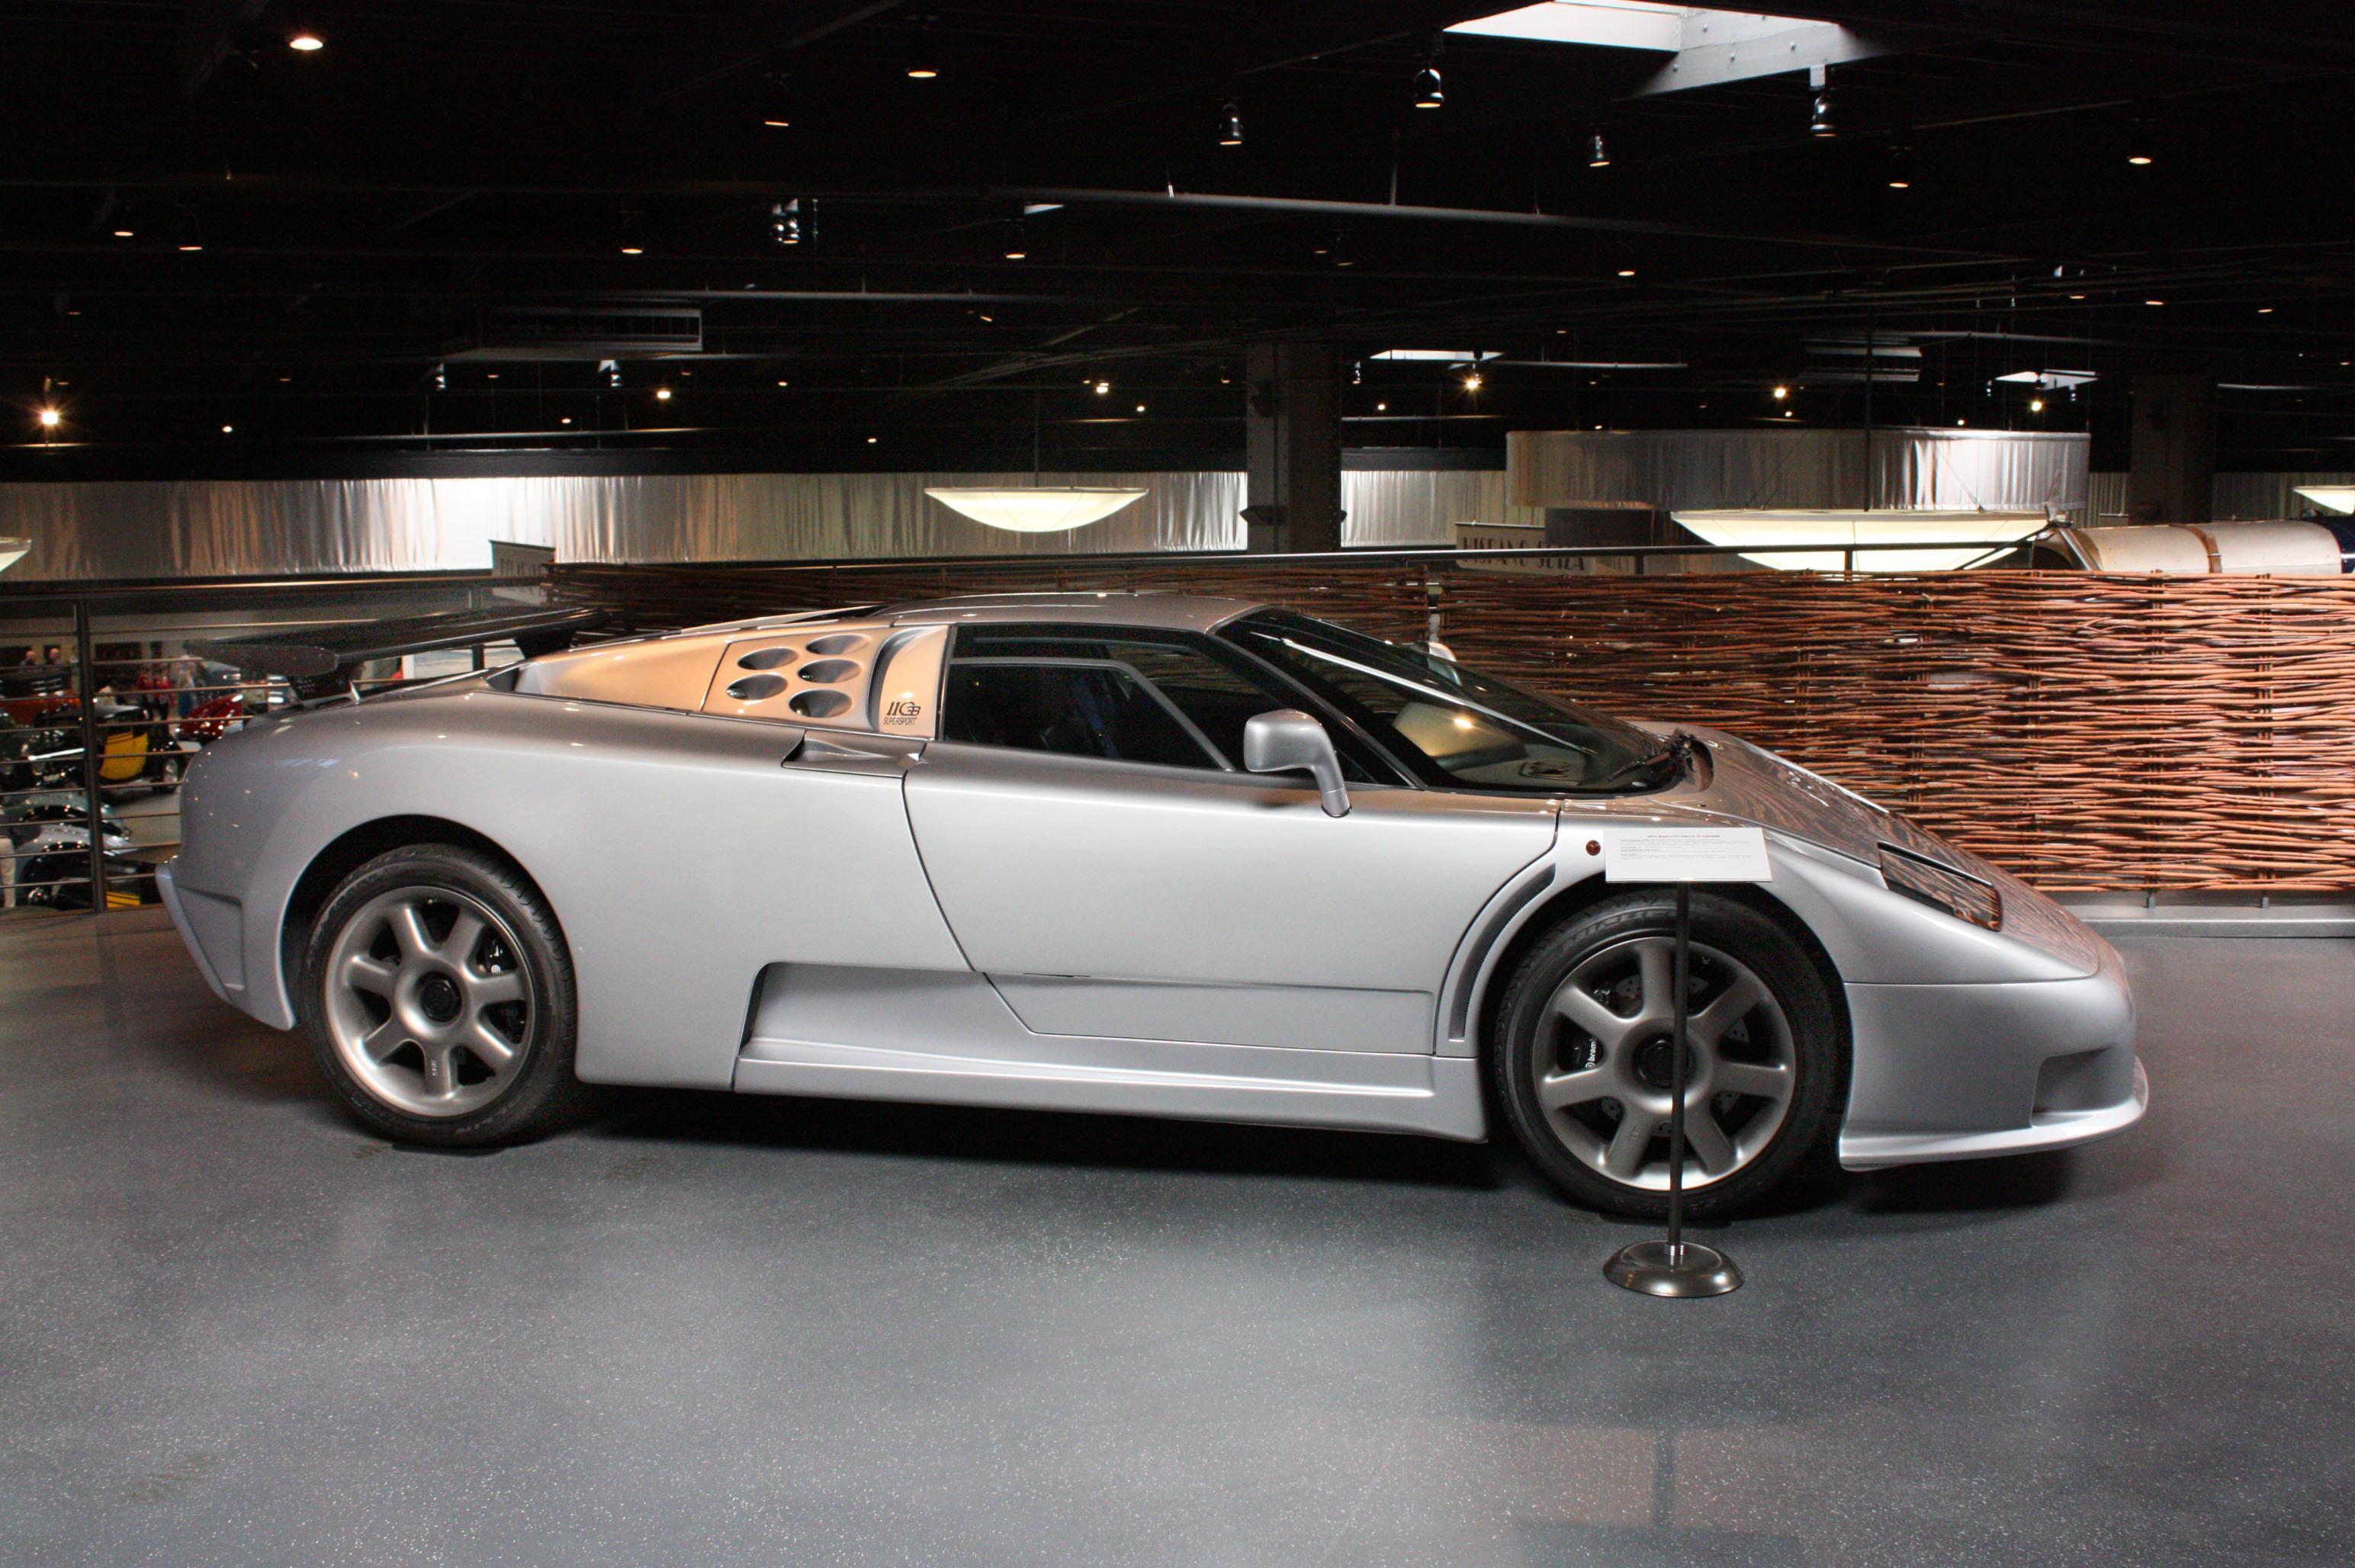 bugatti eb110 ss  silver image download free